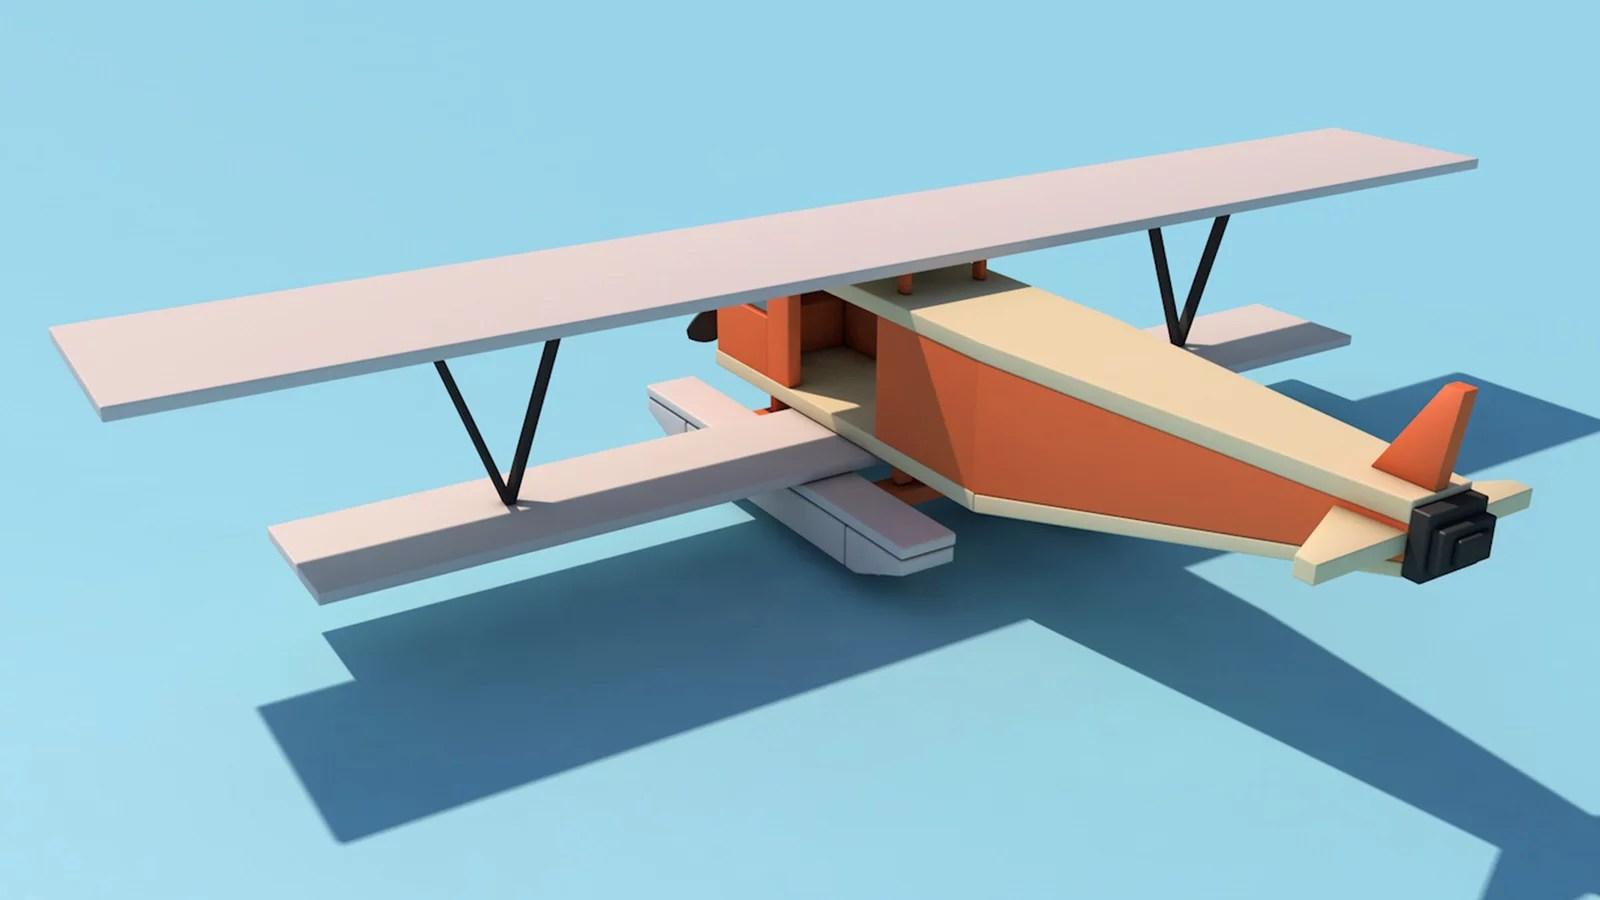 Avioneta Low poly. Minimalista